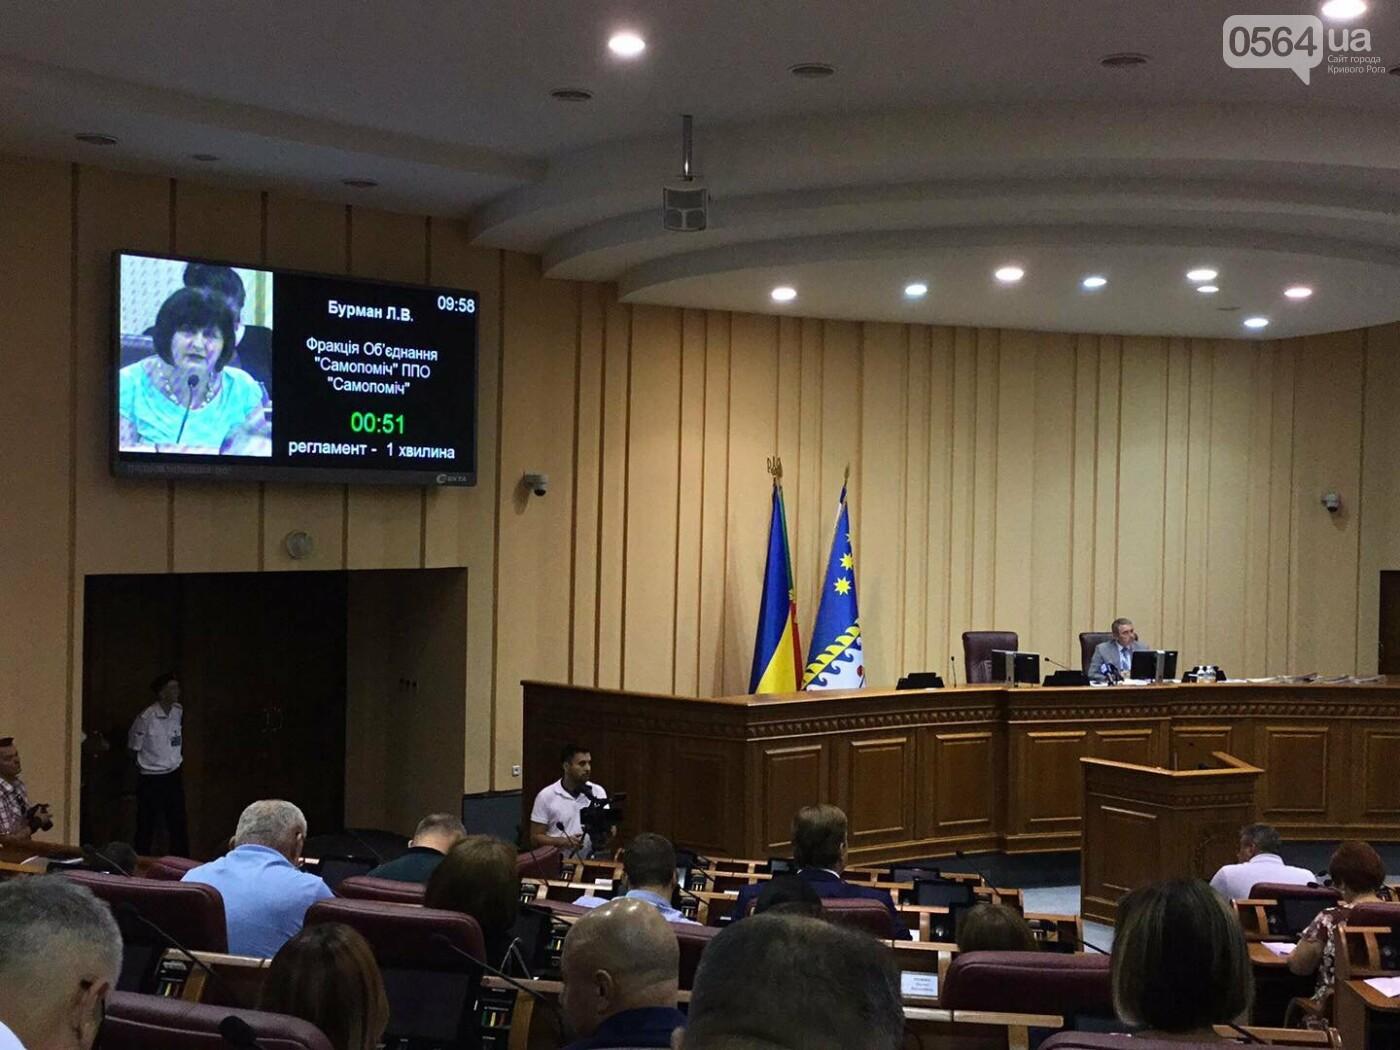 """В Кривом Роге утвердили """"братание"""" с Жодино, несмотря на то, что туда опасно ехать защитникам Украины, - ФОТО, фото-4"""